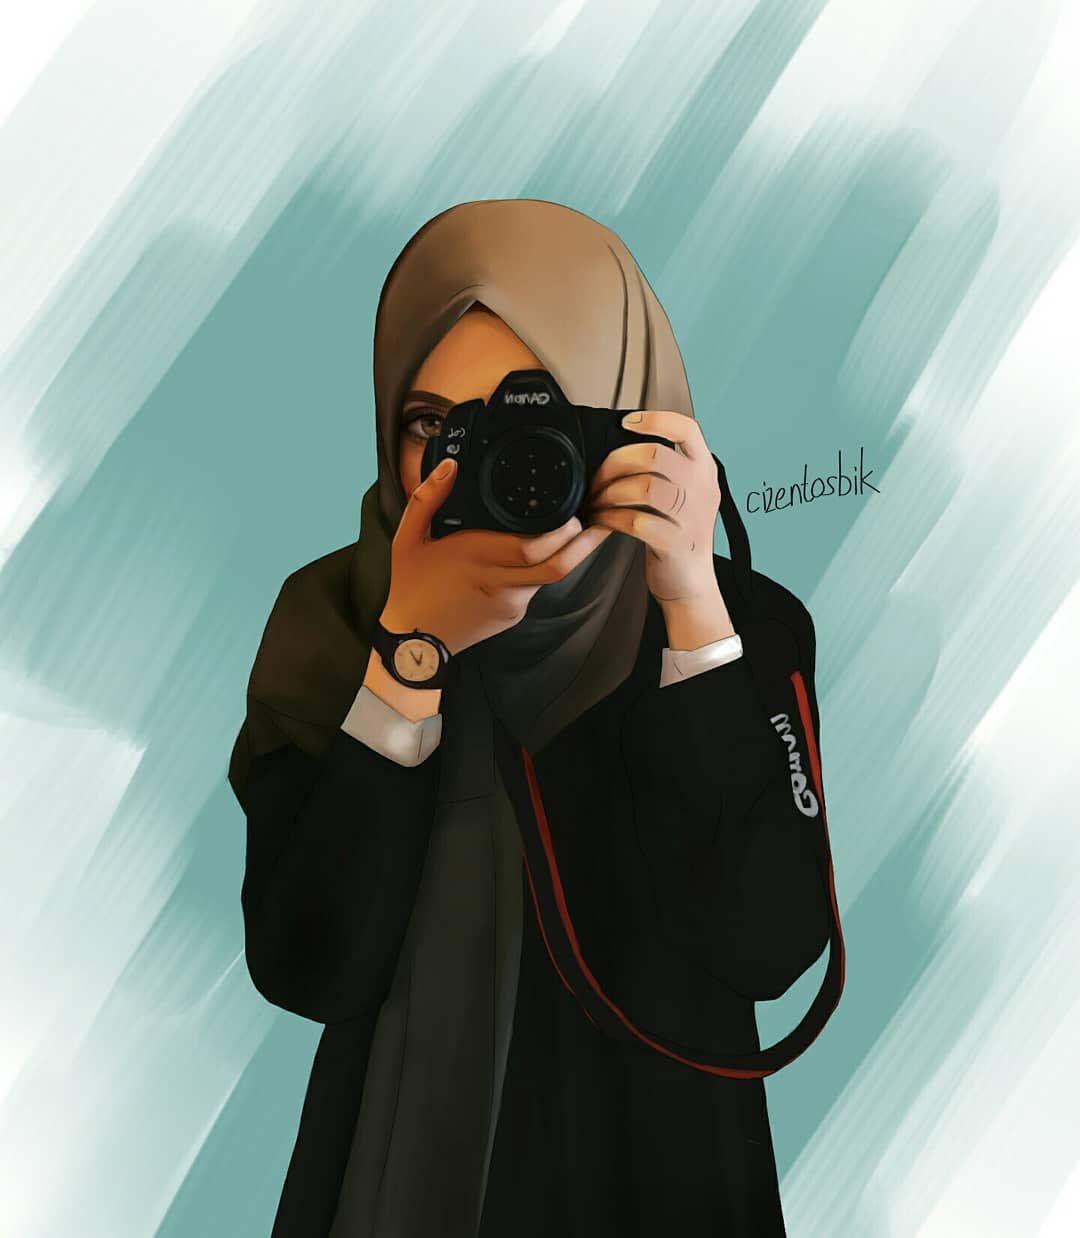 bayanlar-icin-islami-profil-resimleri-3-13